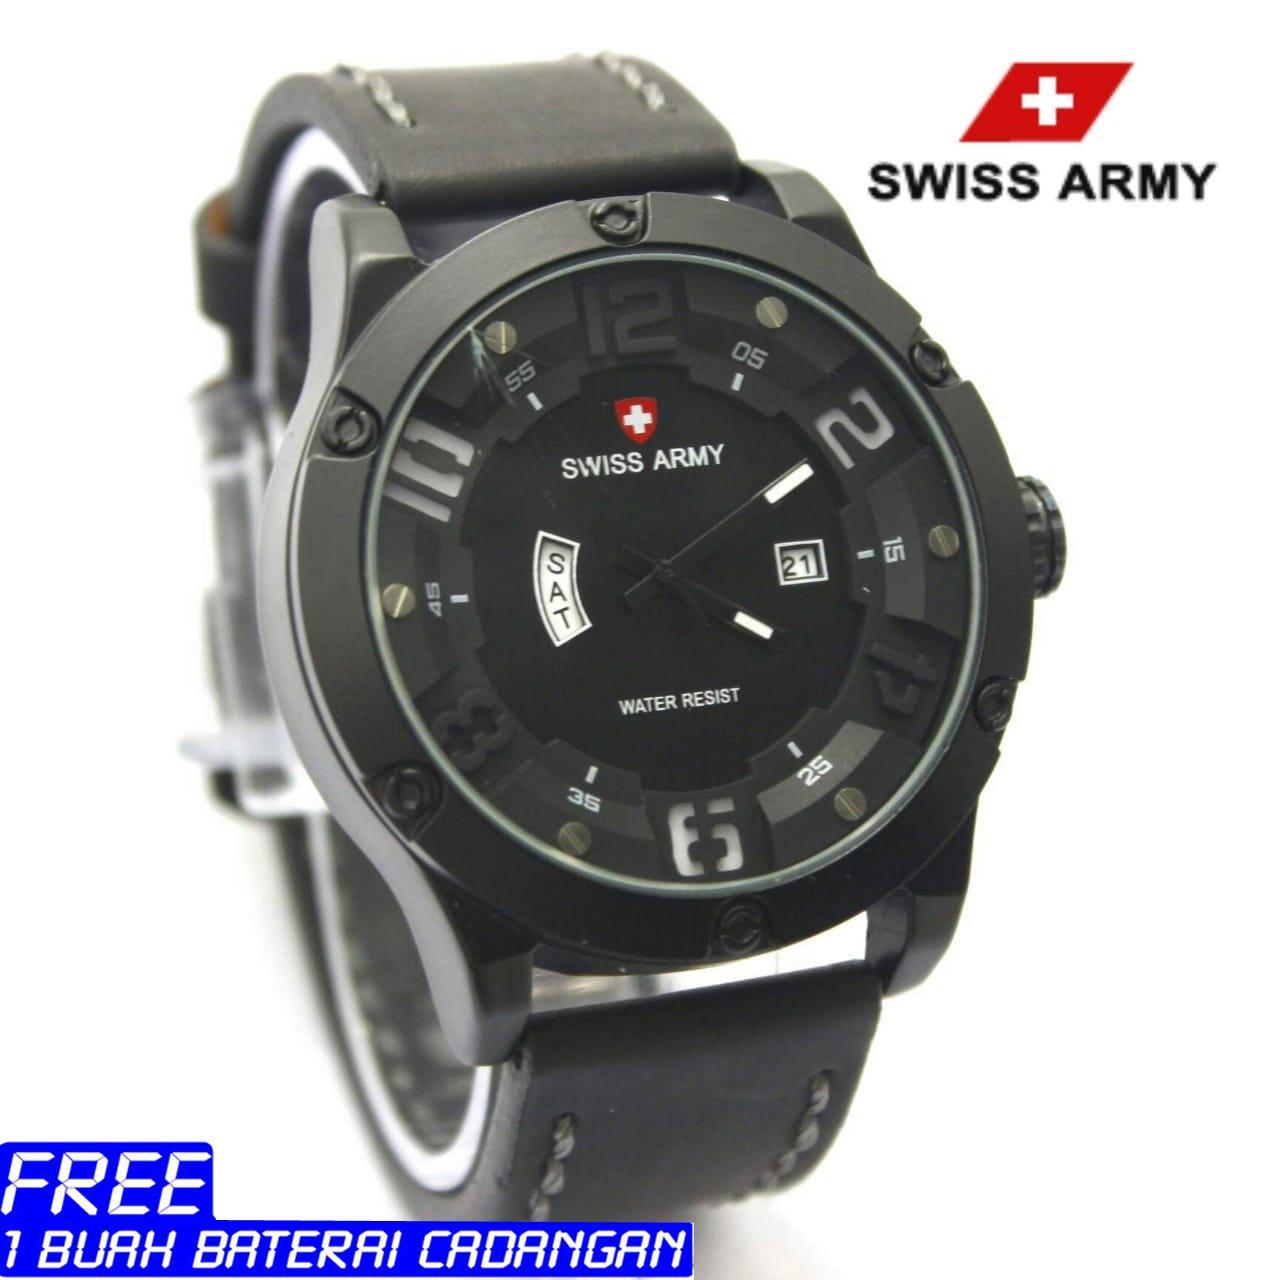 Swiss Army Jam Tangan Pria Leather Strap Sa8530zd Daftar Update Vixtorinox Sa 4123 Armyjam Analog Time